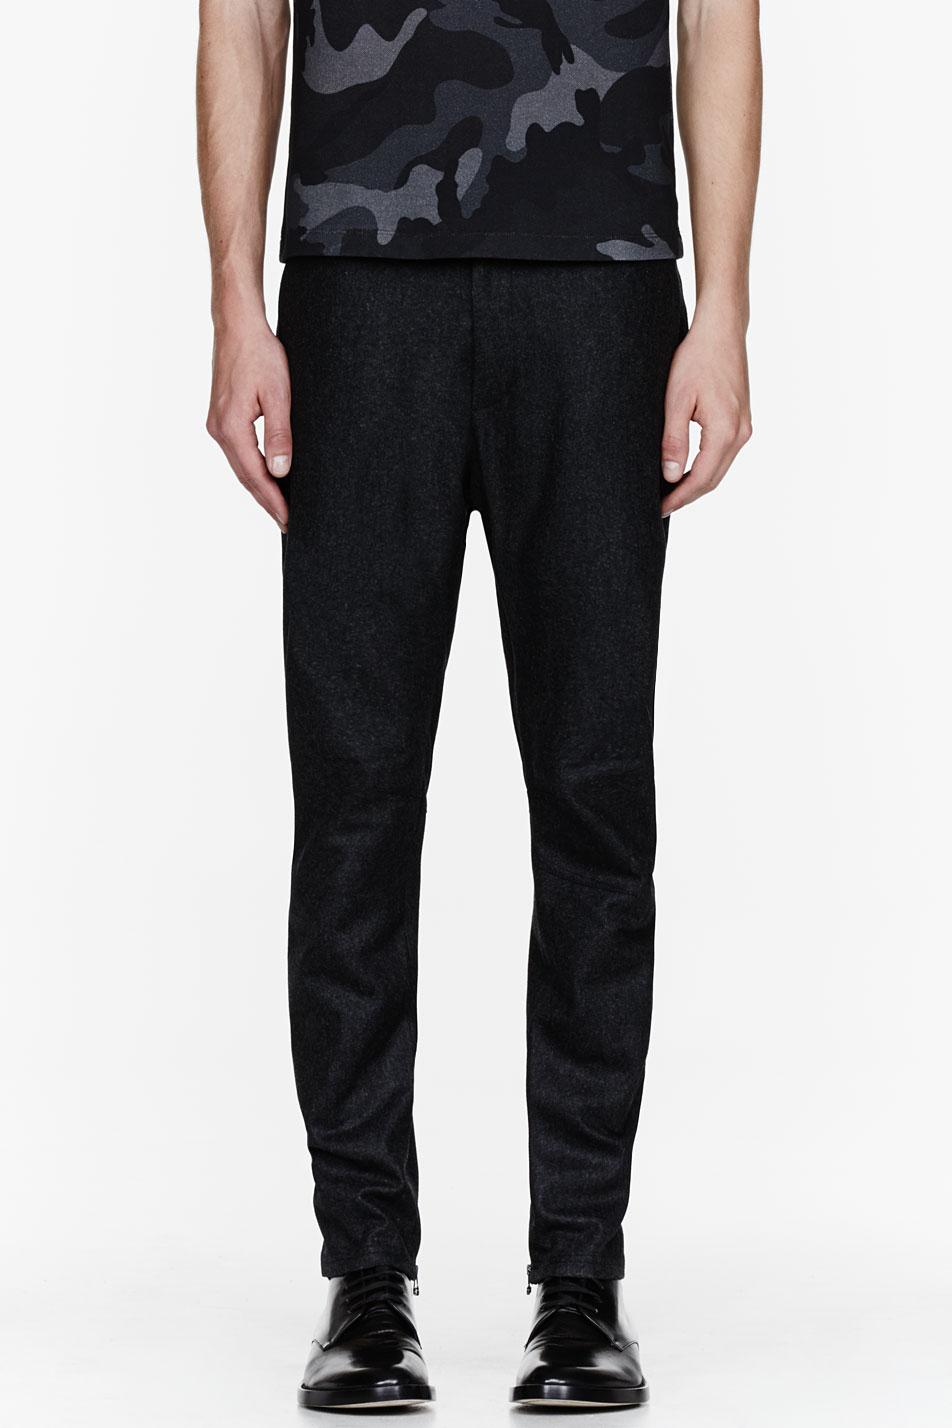 Lanvin biker trousers